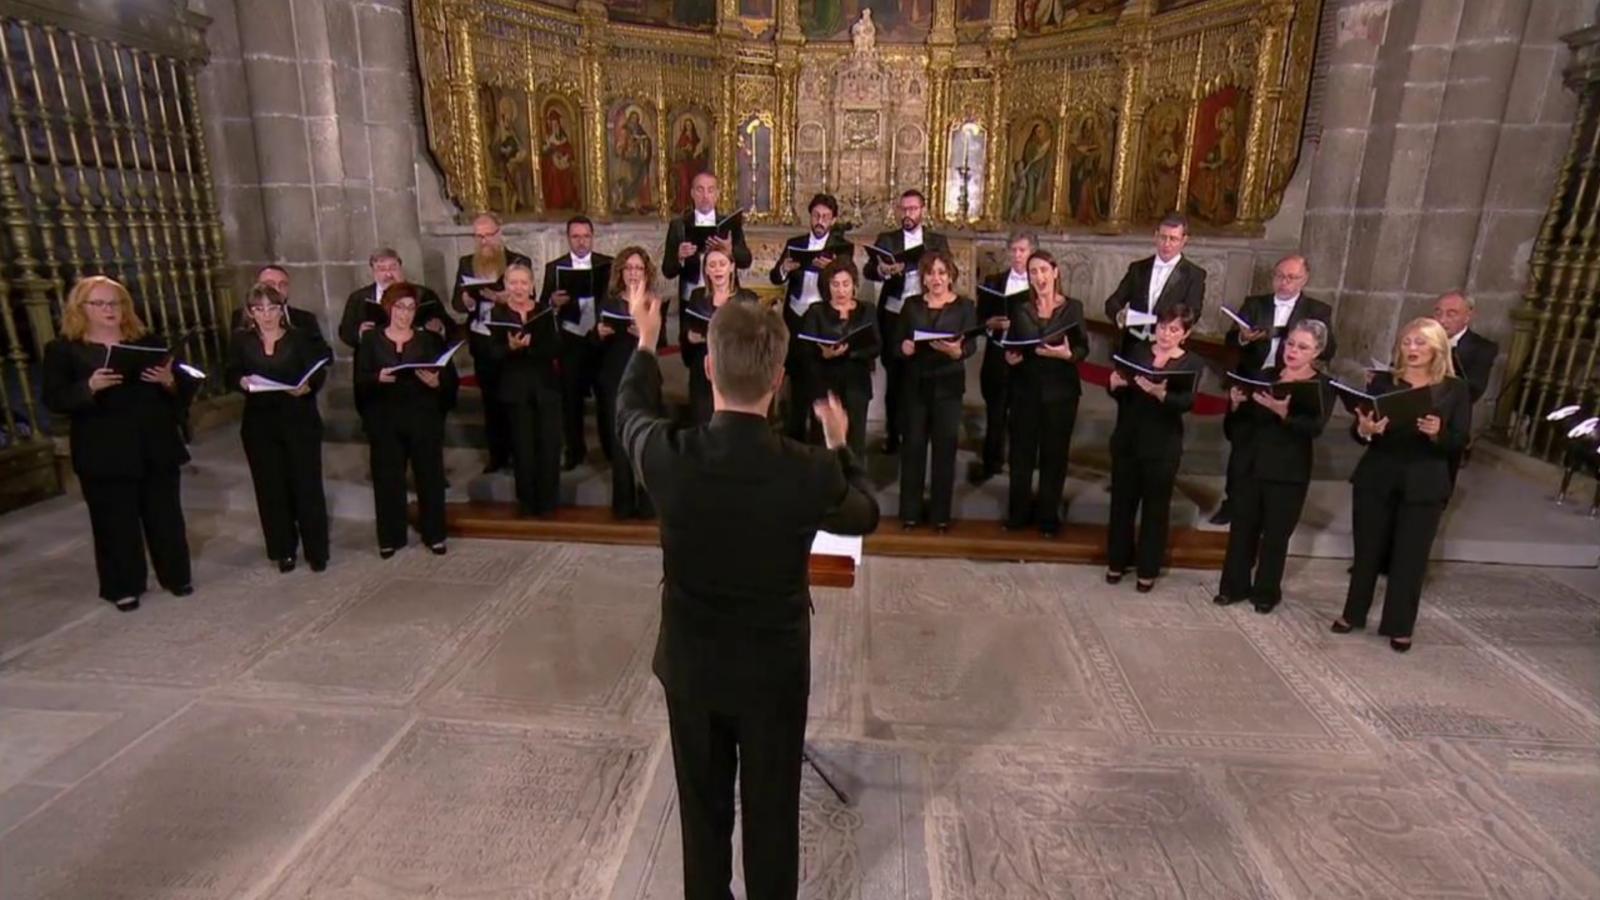 Los conciertos de La 2 - Coro de la RTVE desde la Catedral de Ávila - ver ahora